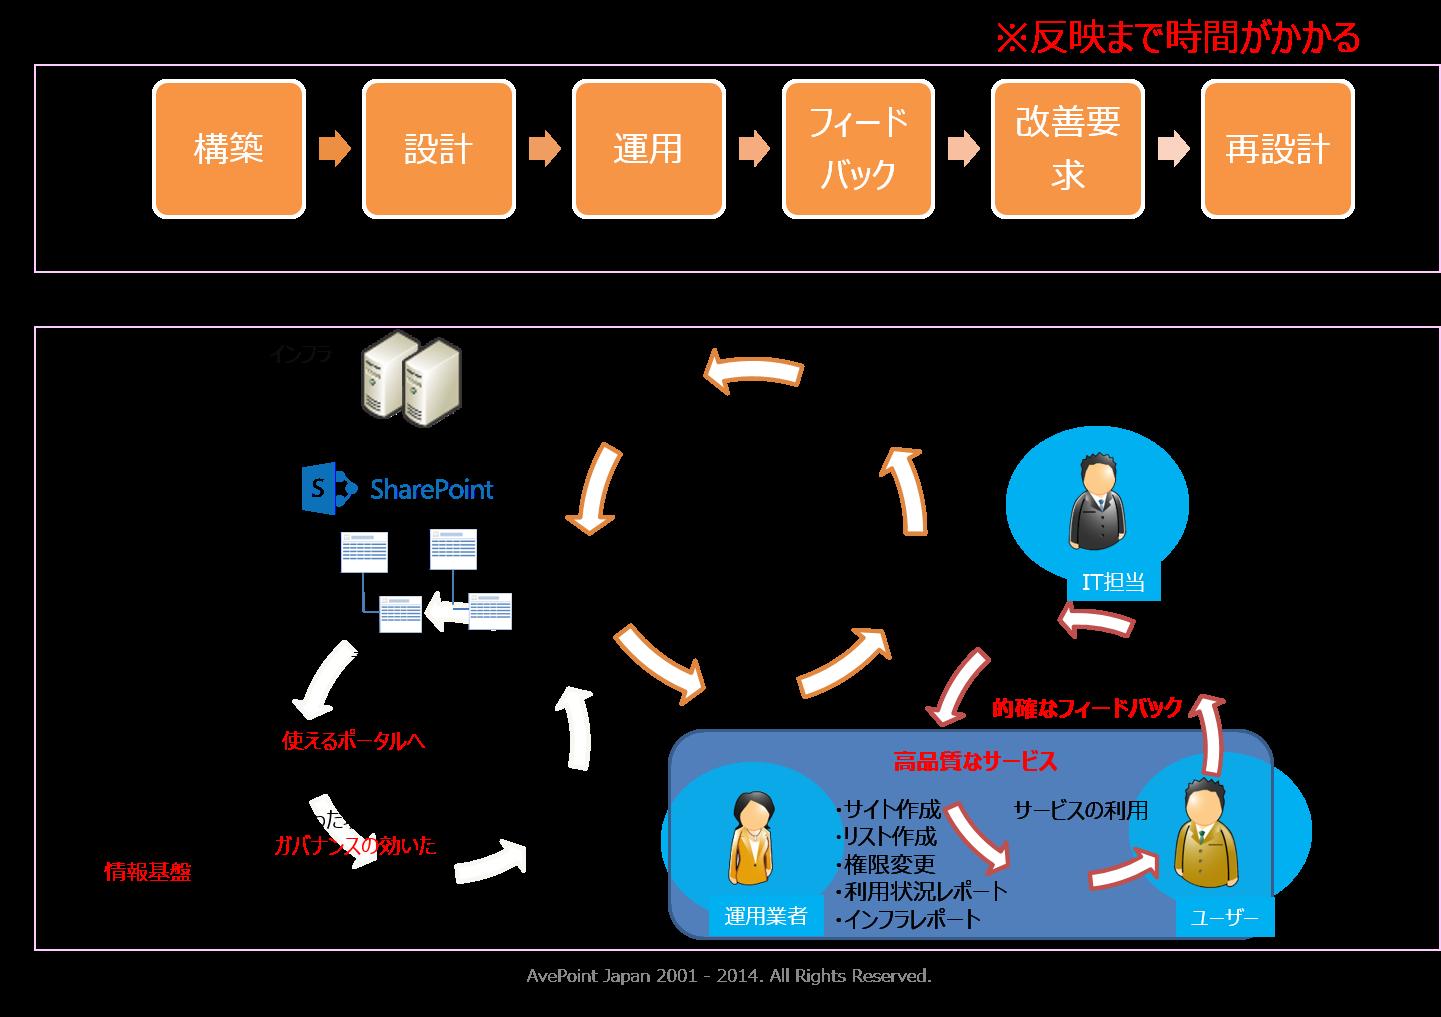 [図4 : 運用業務の改善プロセス概念]